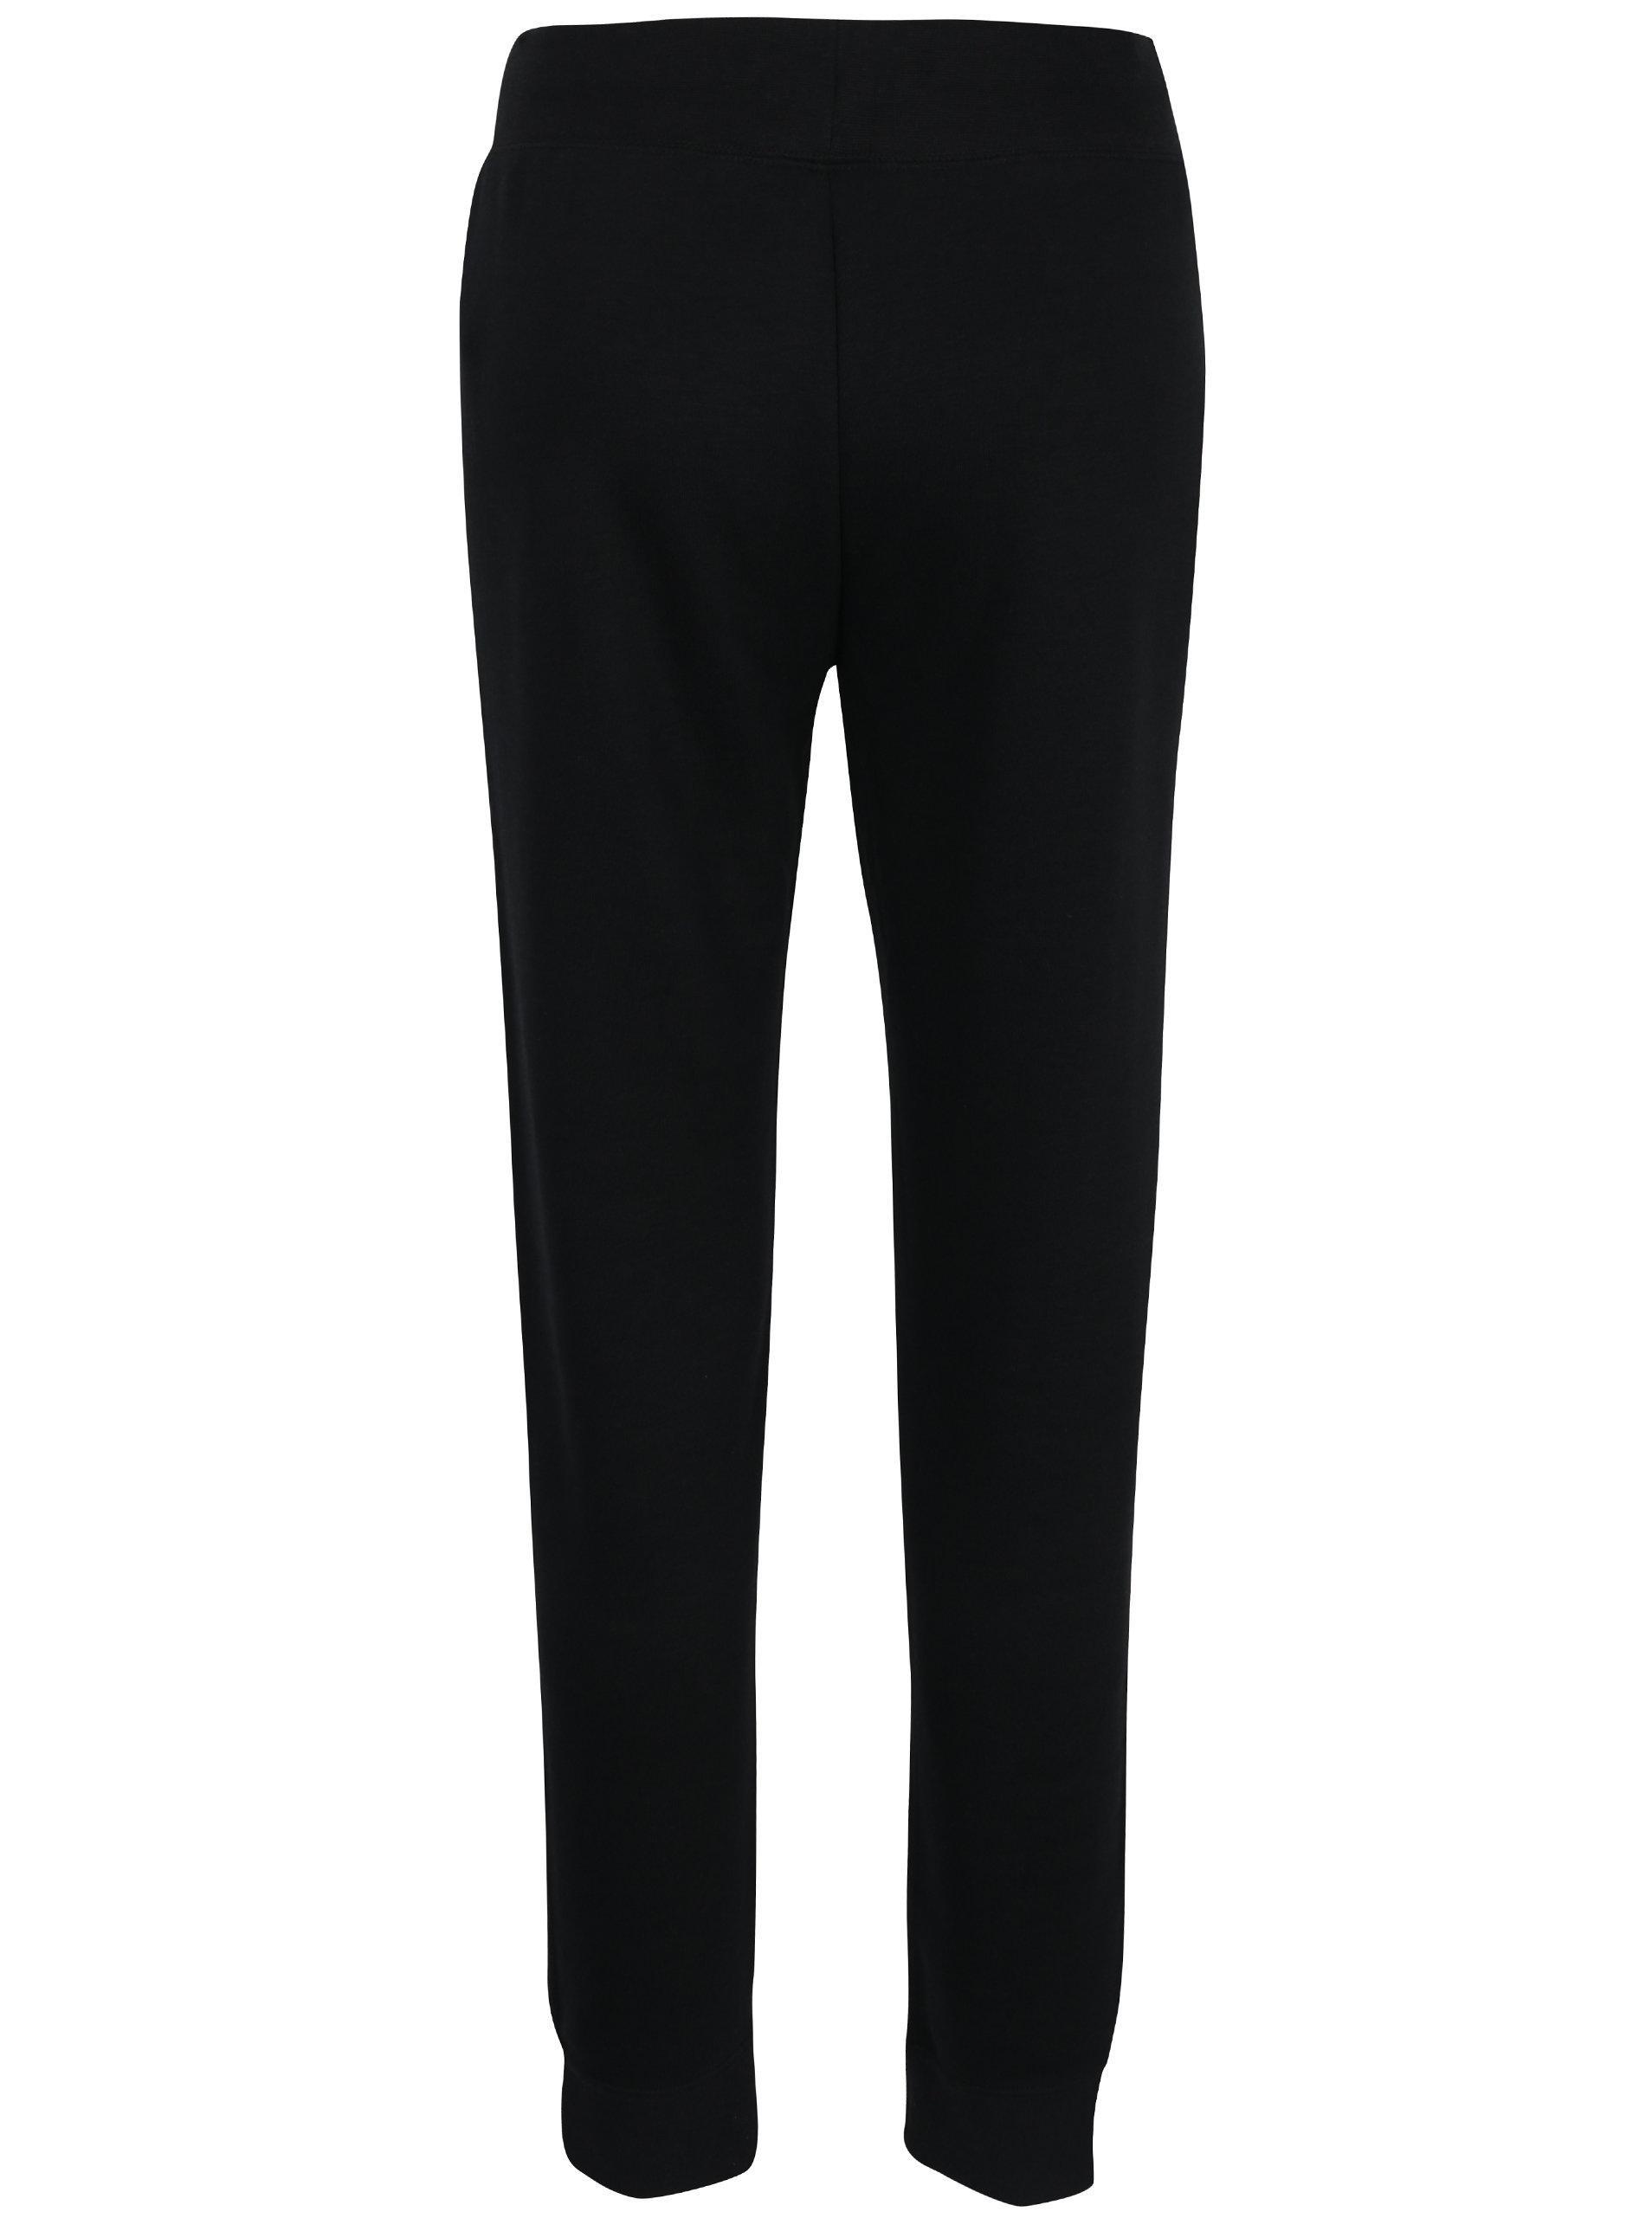 Černé dámské basic tepláky Nike Sportswear Modern ... d11c8e572e